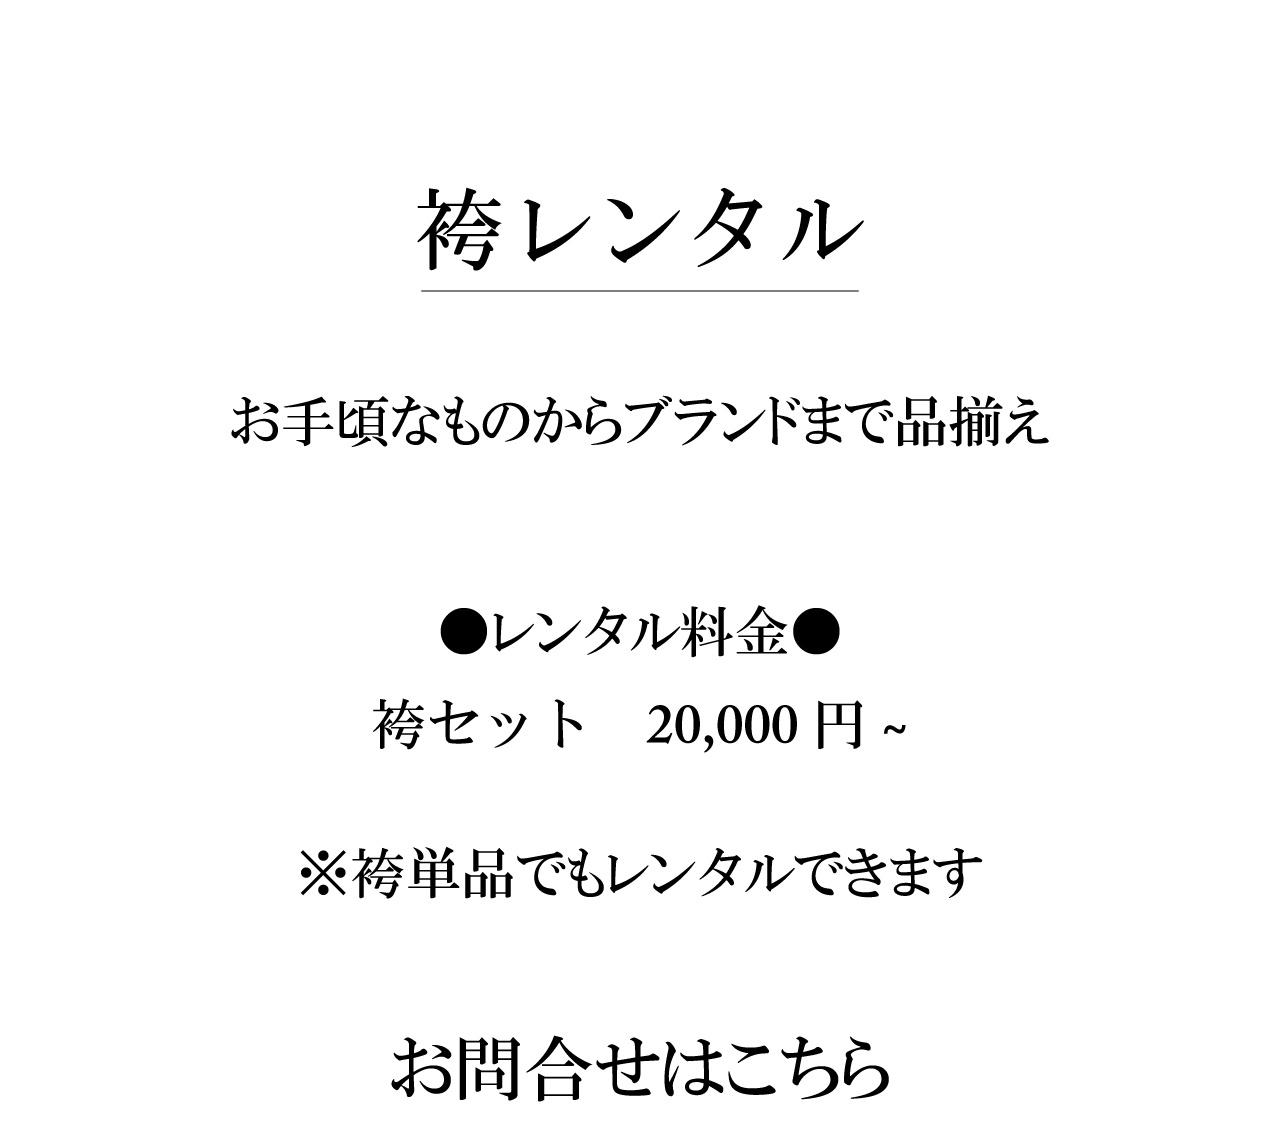 袴セット:2万円から